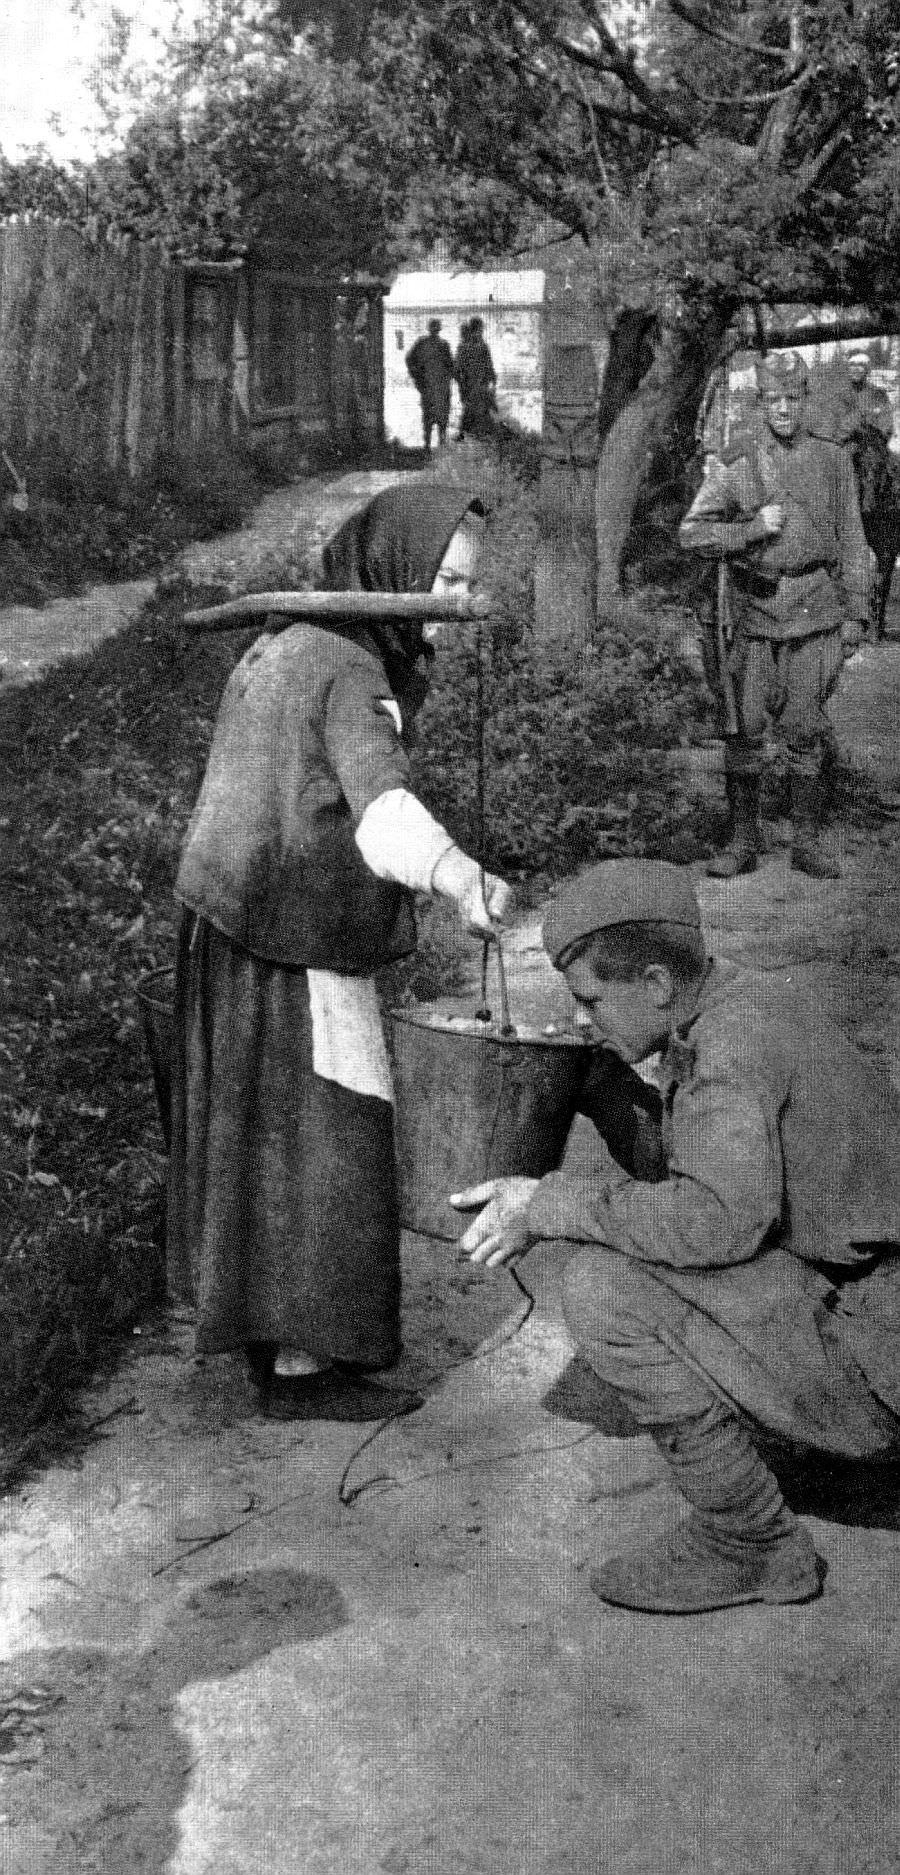 Советский солдат пьет воду из ведра